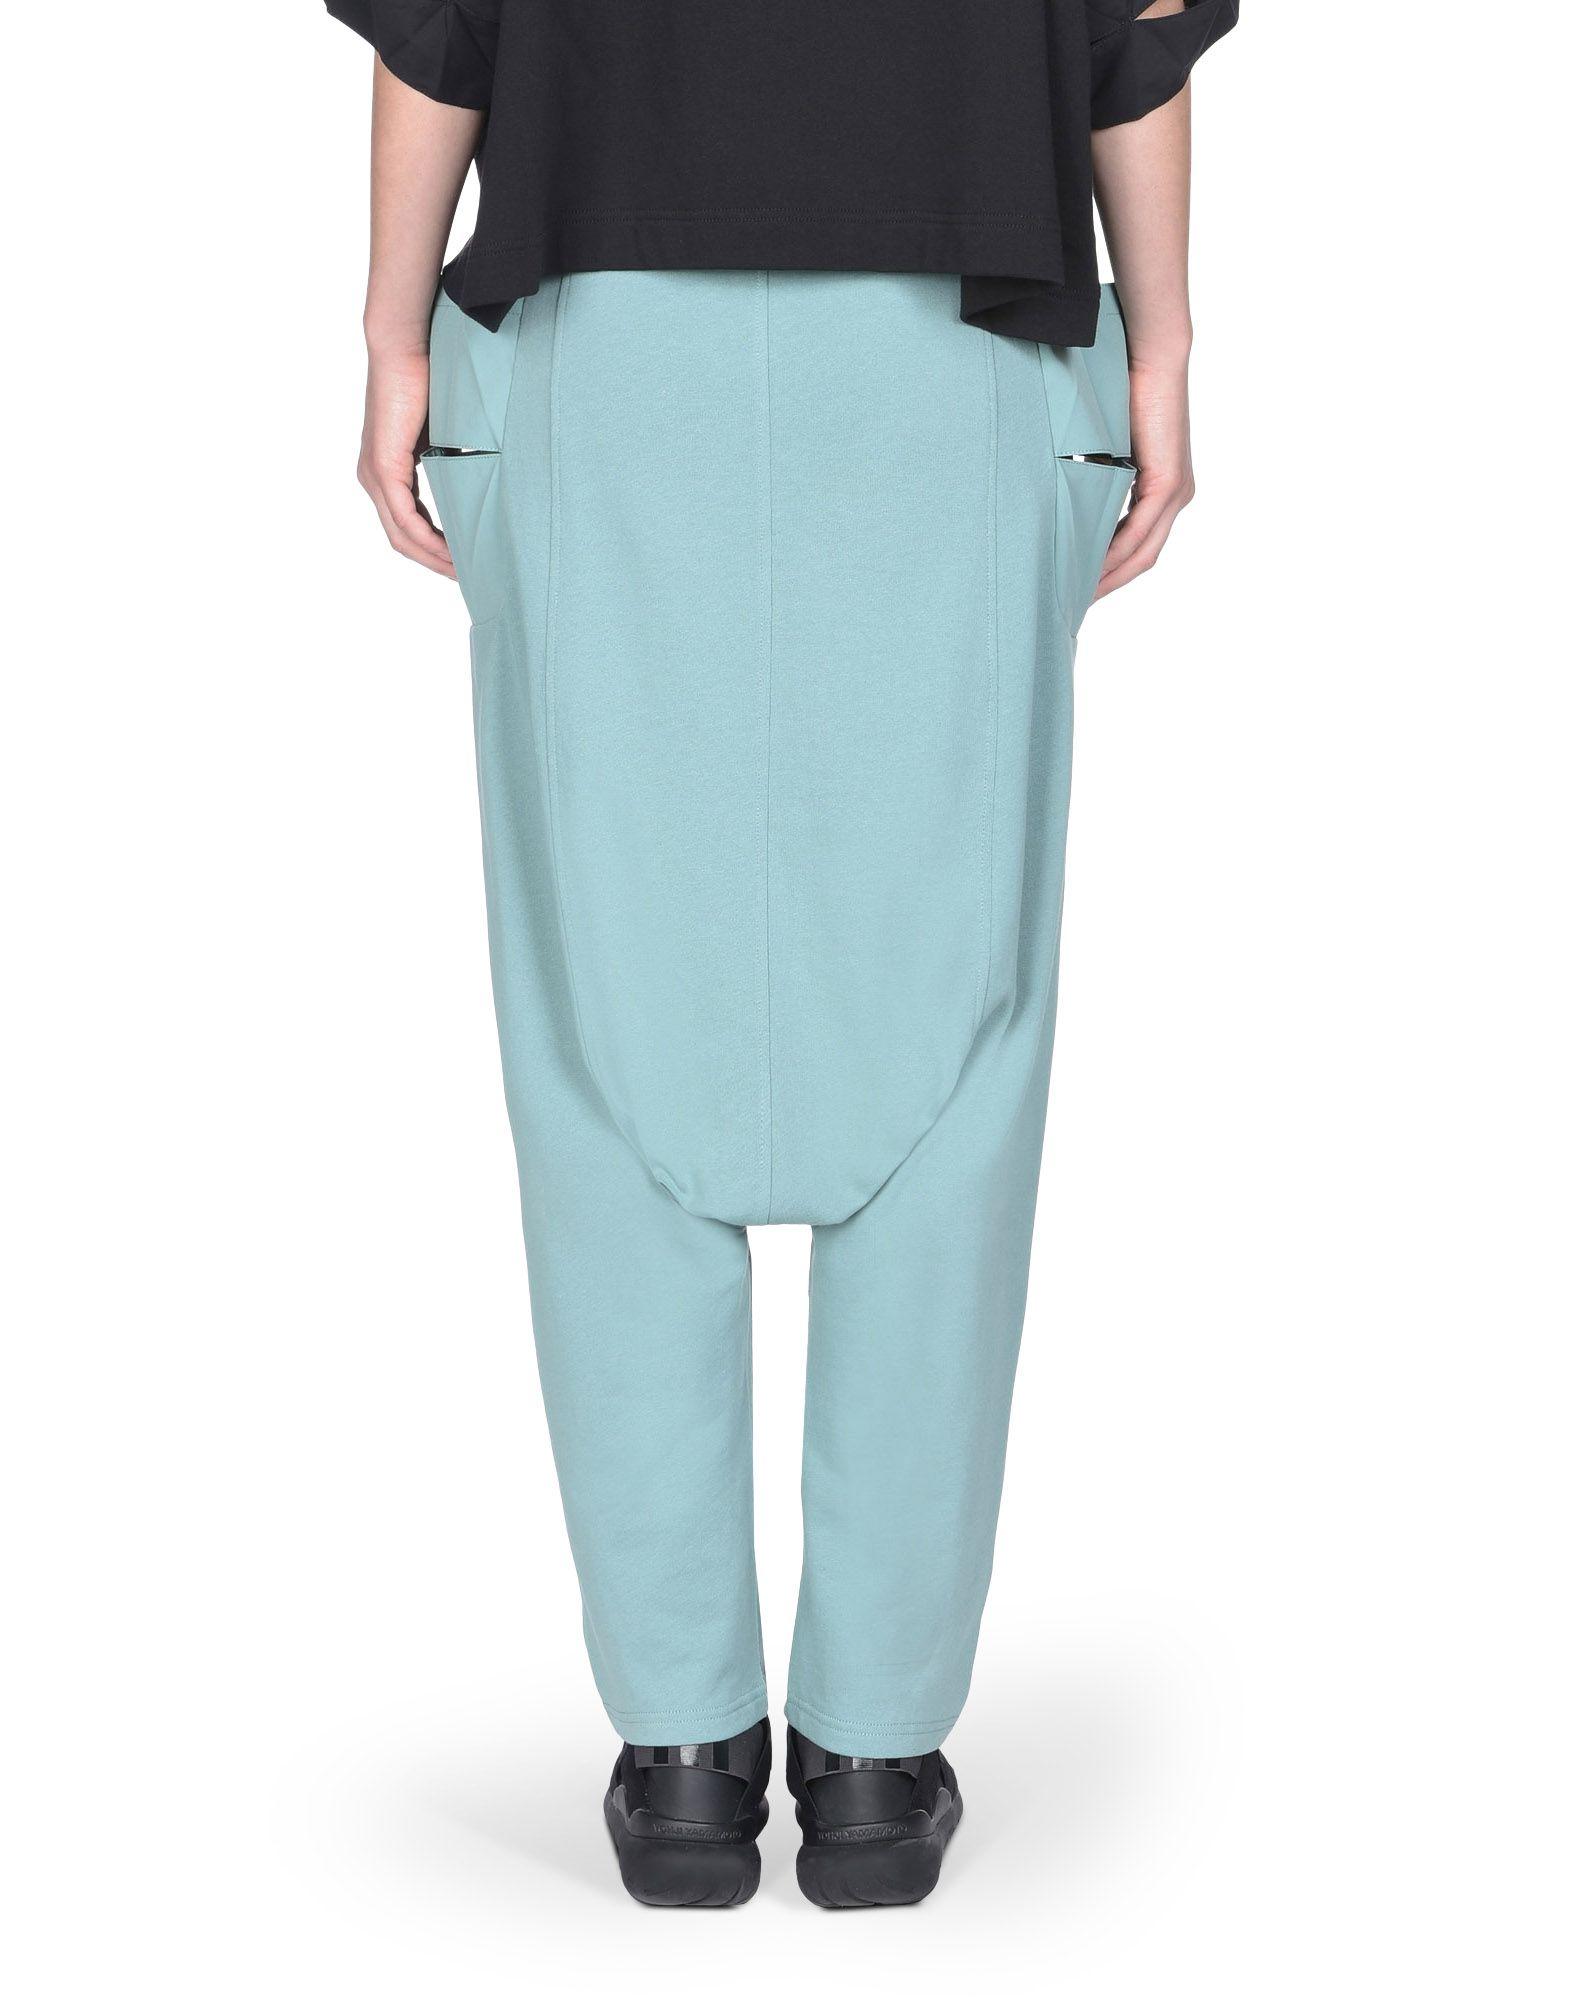 Y-3 FUTURE CRAFT SAROUEL PANTS woman Y-3 adidas